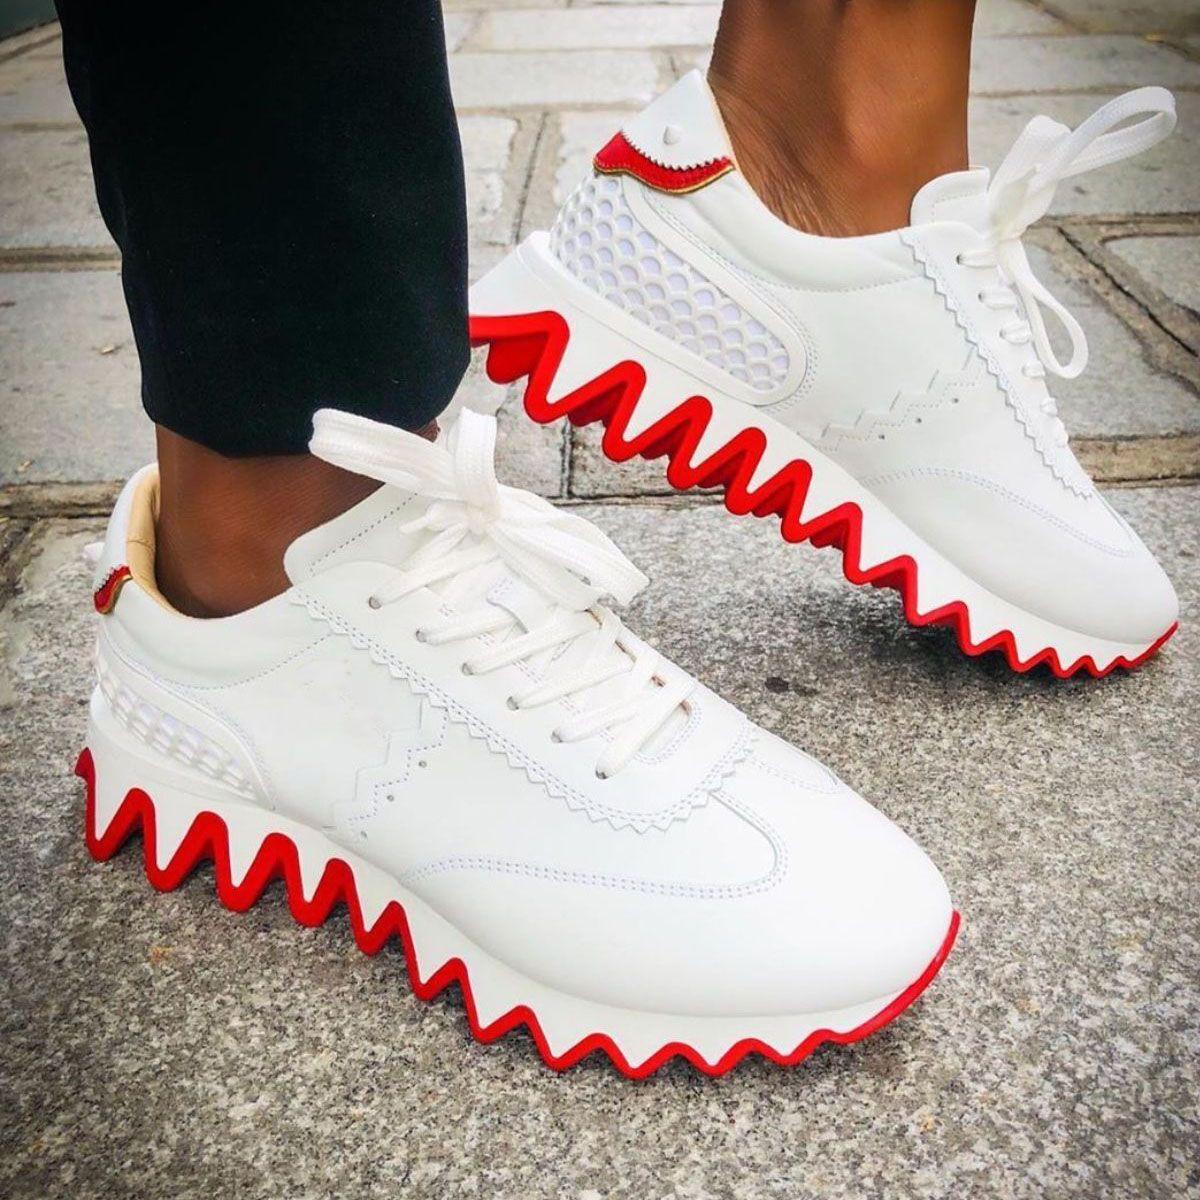 21S Style amusant Chaussures pour hommes Sneakers de fond rouge Louche-couches Donna Plat Soles dentelée rouge, Super cadeau Semelles rouges pour hommes Chaussures pour hommes